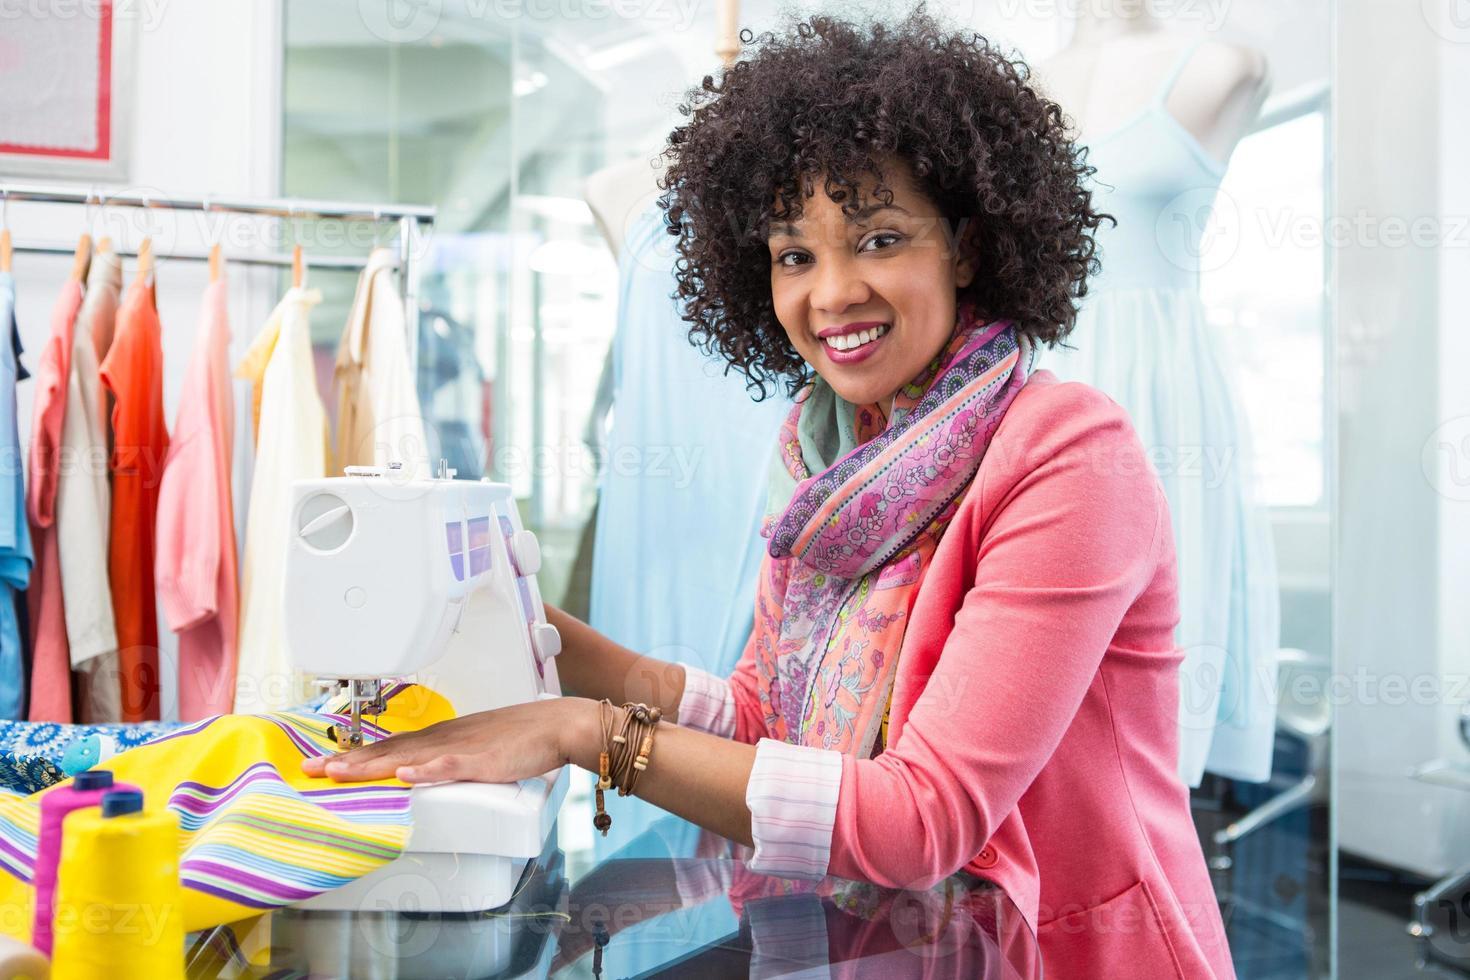 Modedesignerin mit Nähmaschine foto